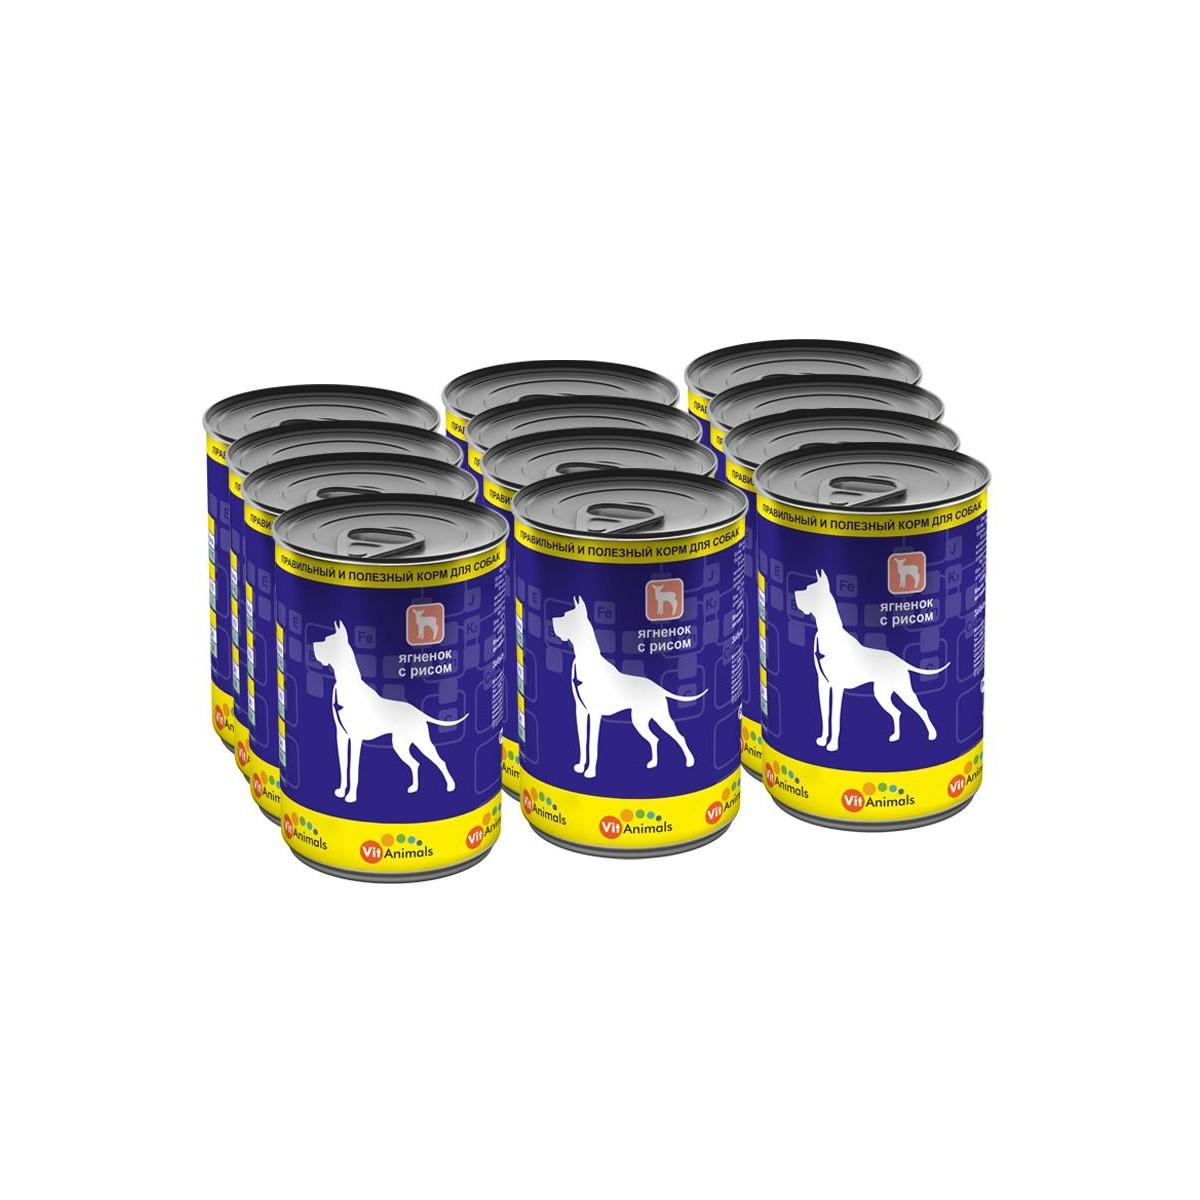 Консервы для собак VITANIMALS Ягненок с рисом 410 г 1 шт.